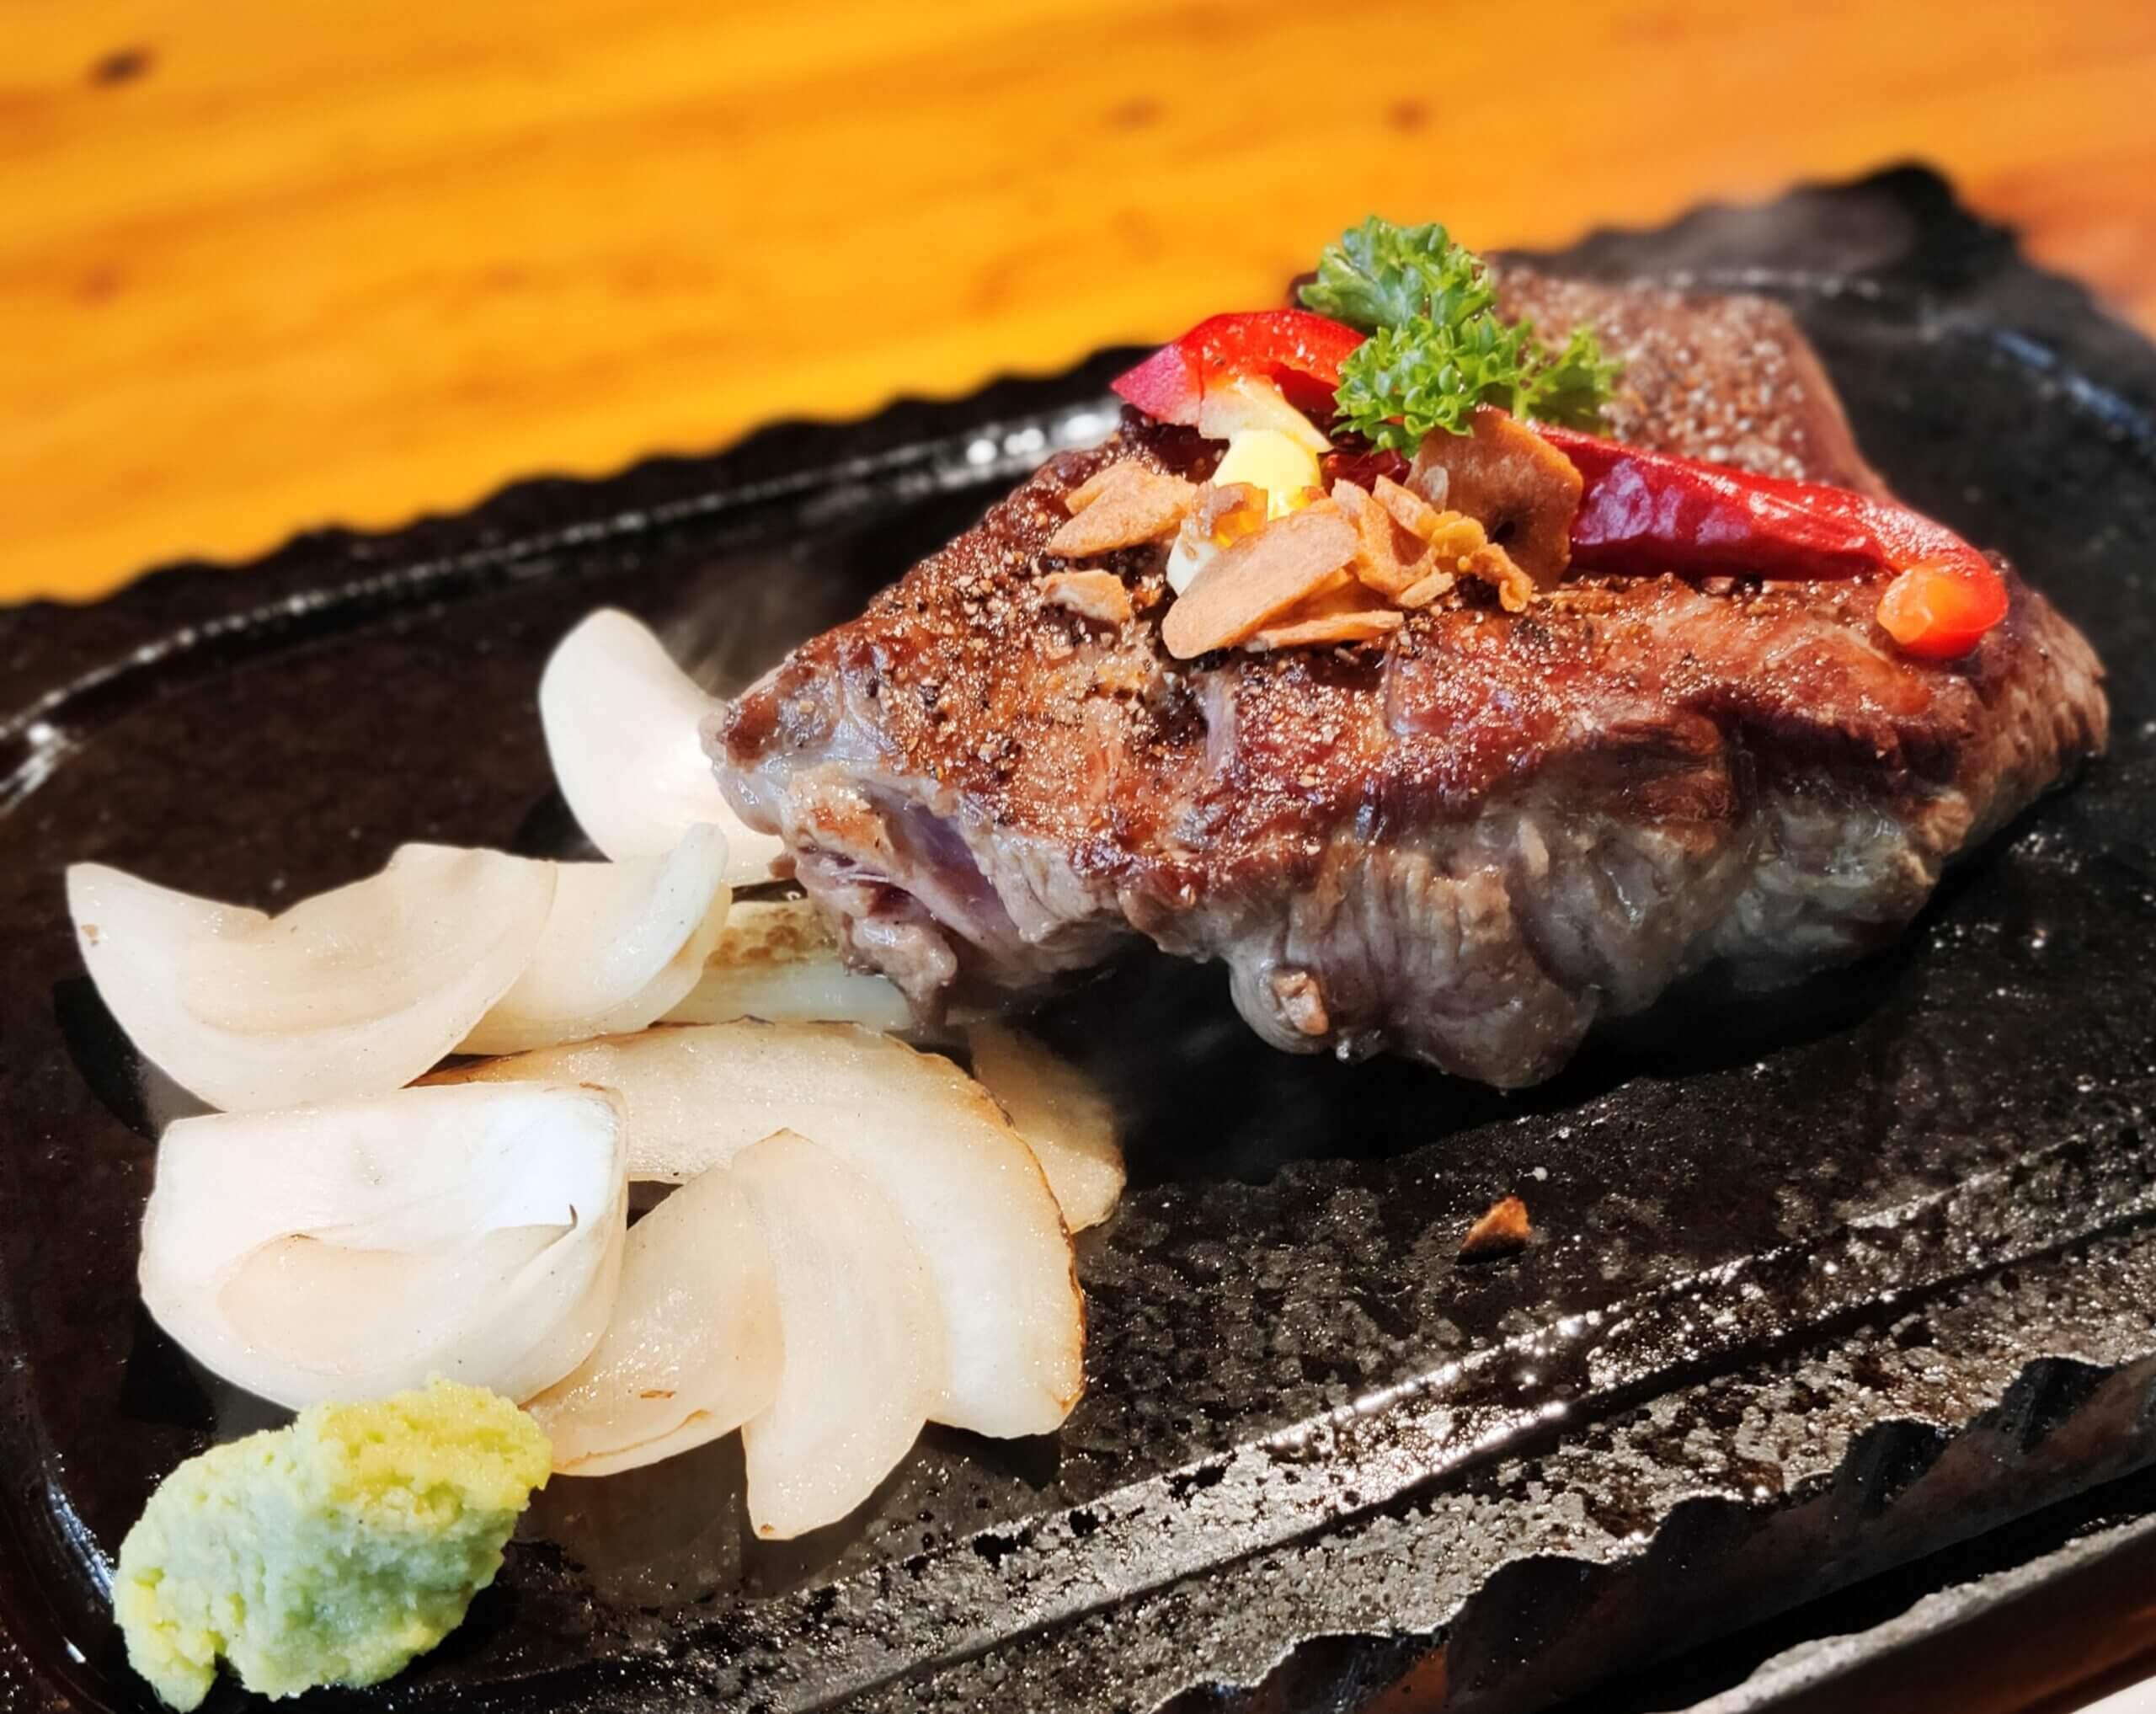 【リゾート げんこつ村ー上天草市大矢野町登立ー】上天草のハワイで頂く♪人気のステーキに、ロコモコ